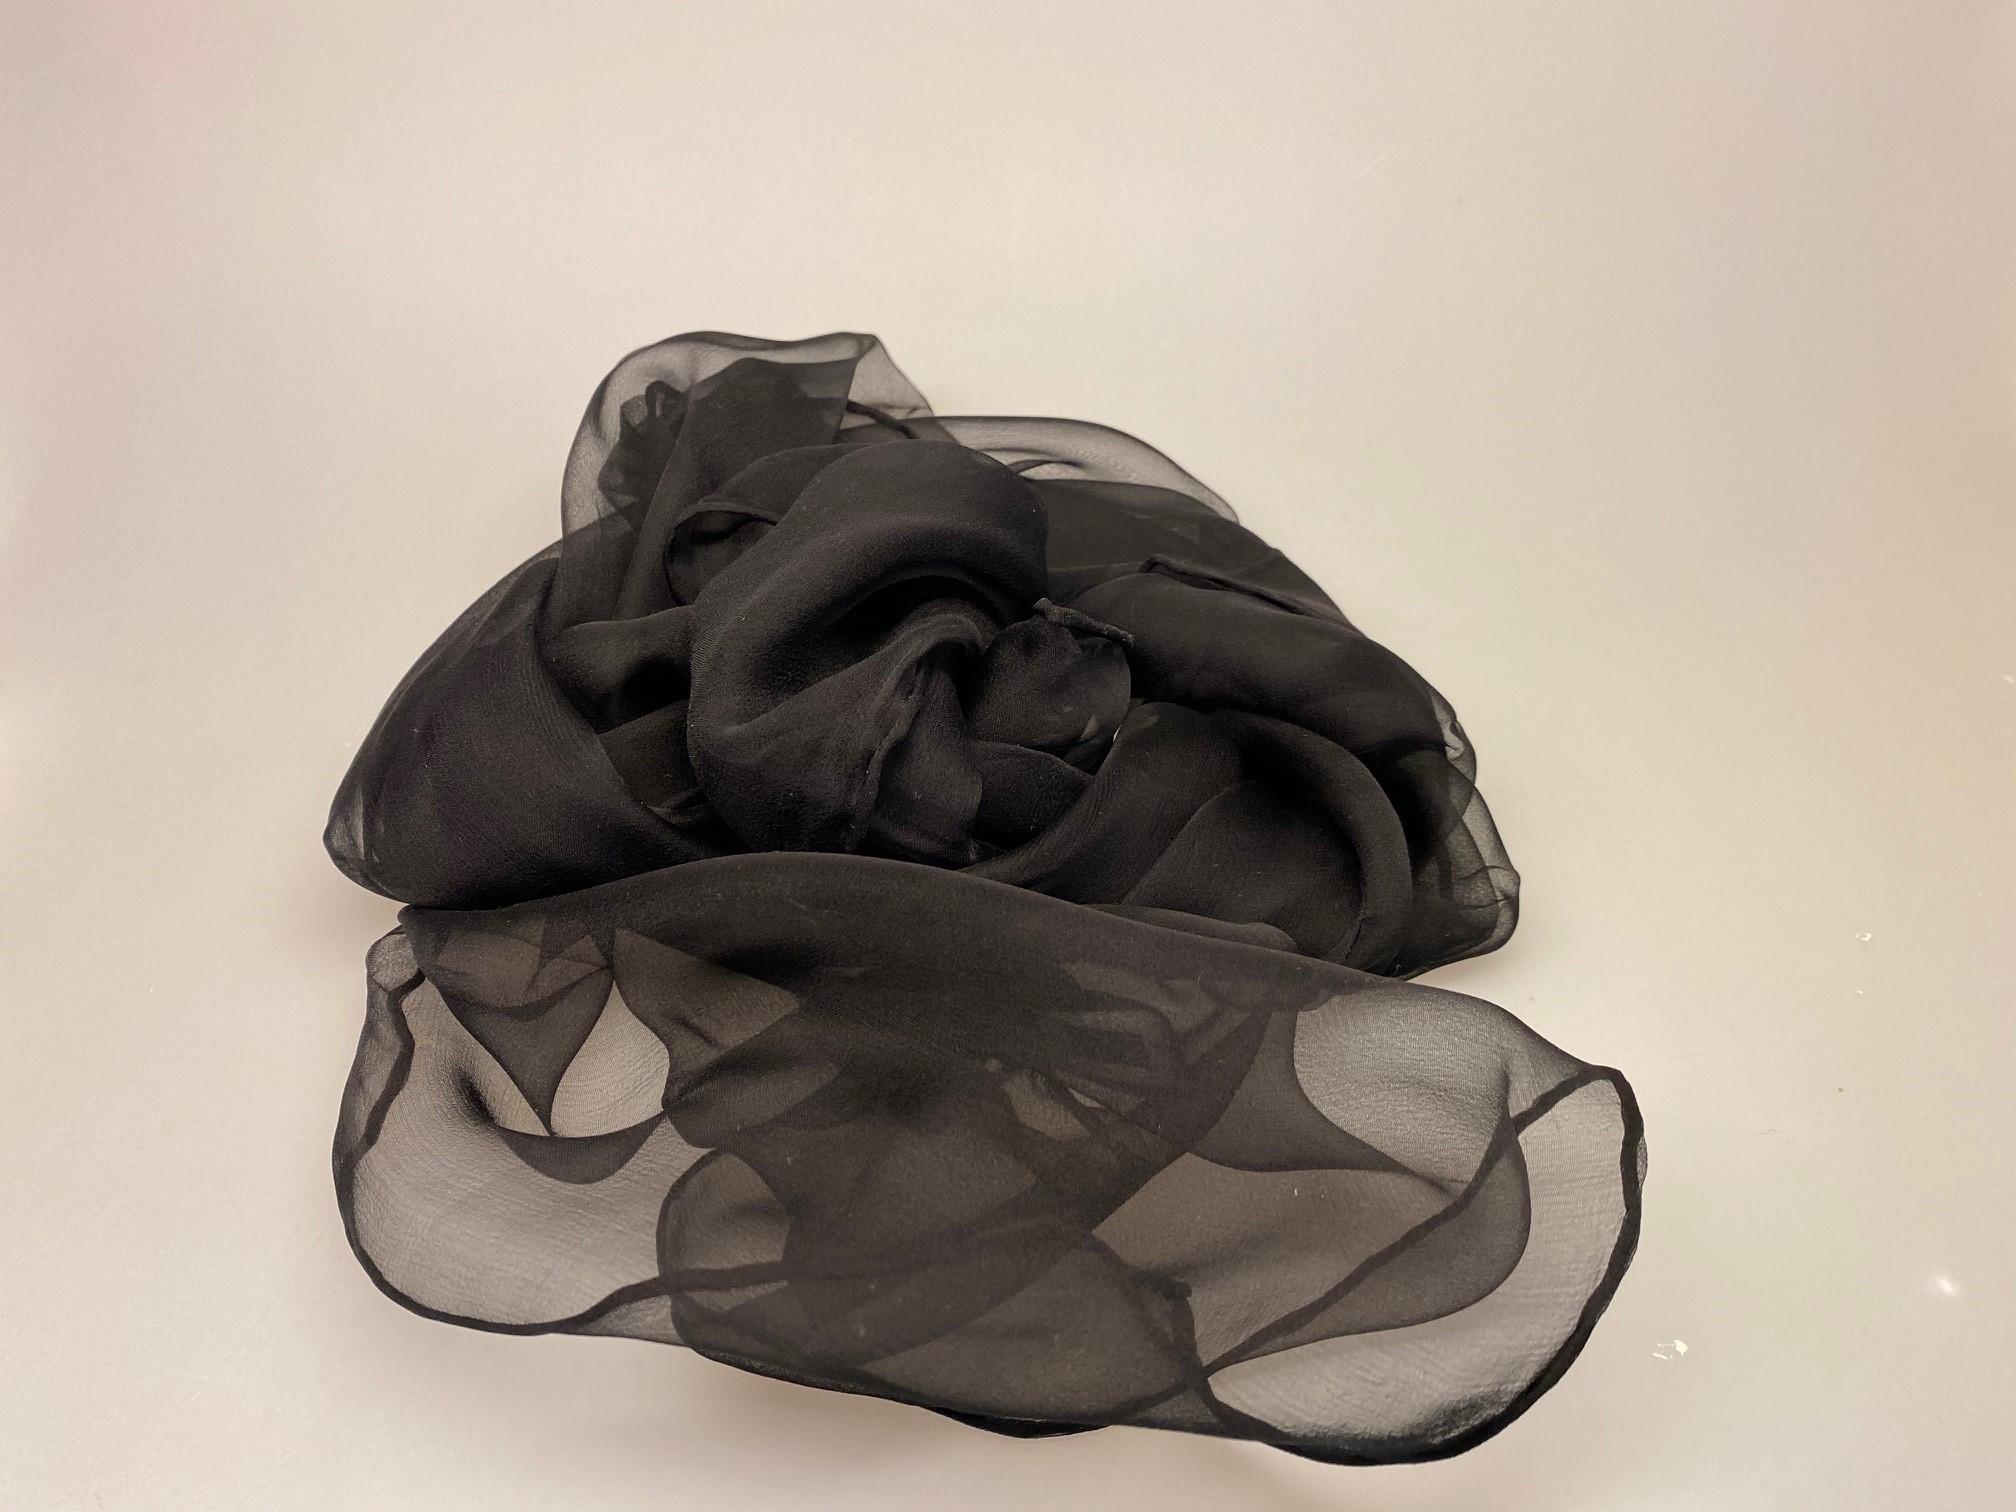 Silkechiffon Tørklæde 1158 - Sort ,Silkechiffon 1163 XL - Sort, 1163-30, sort, silke, silketørklæde, tørklæde, luksus, fest, festtøj, stola, sjal, festkjole, håndrullede, biti, ribe,,Silkechiffon 1163 XL - Sort,